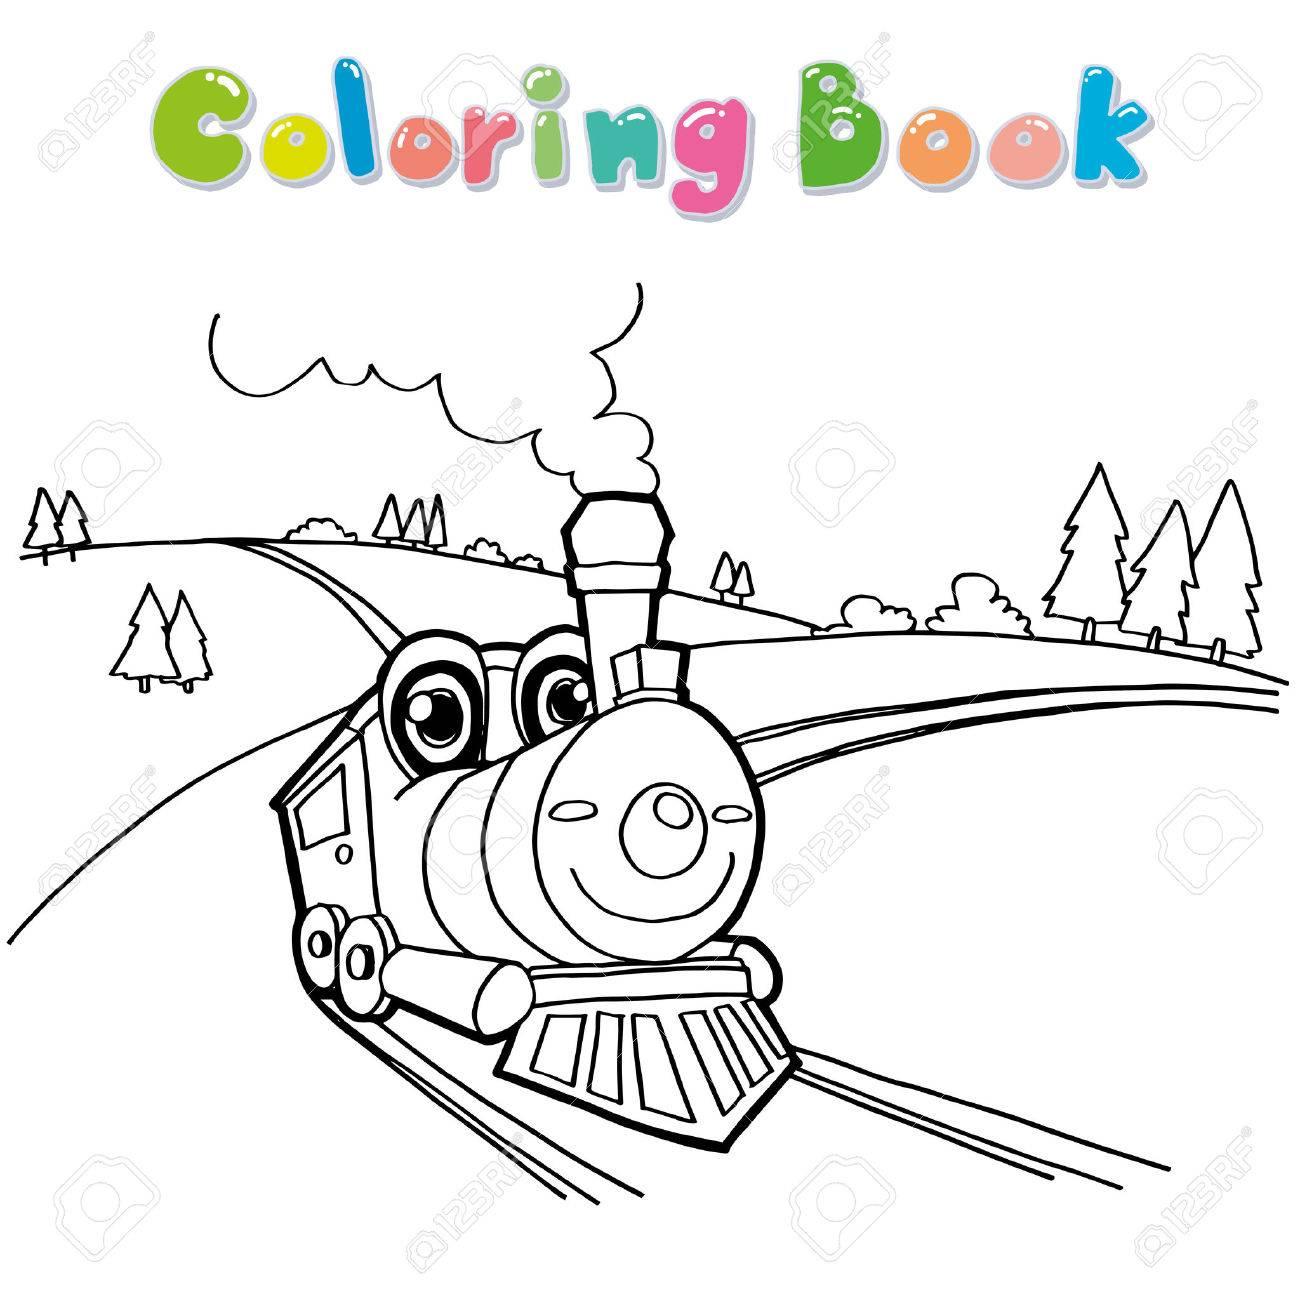 1300x1300 Train Cartoon Coloring Page Vector Royalty Free Cliparts, Vectors